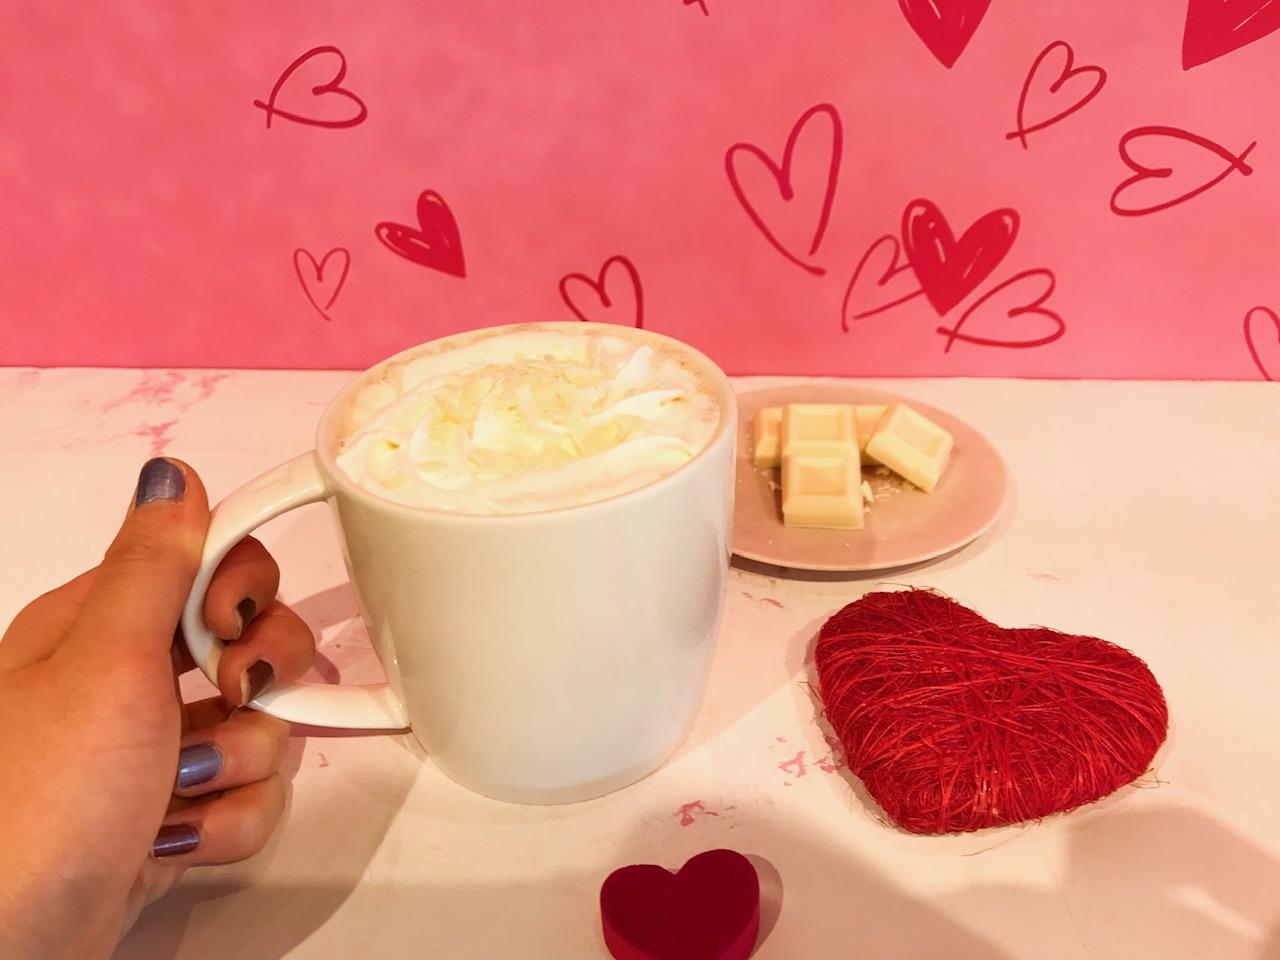 【スタバ 新作レポ】バレンタイン2020第1弾♡ 様々なチョコの味を楽しめる限定ドリンクやカスタマイズ、グッズが登場!_5